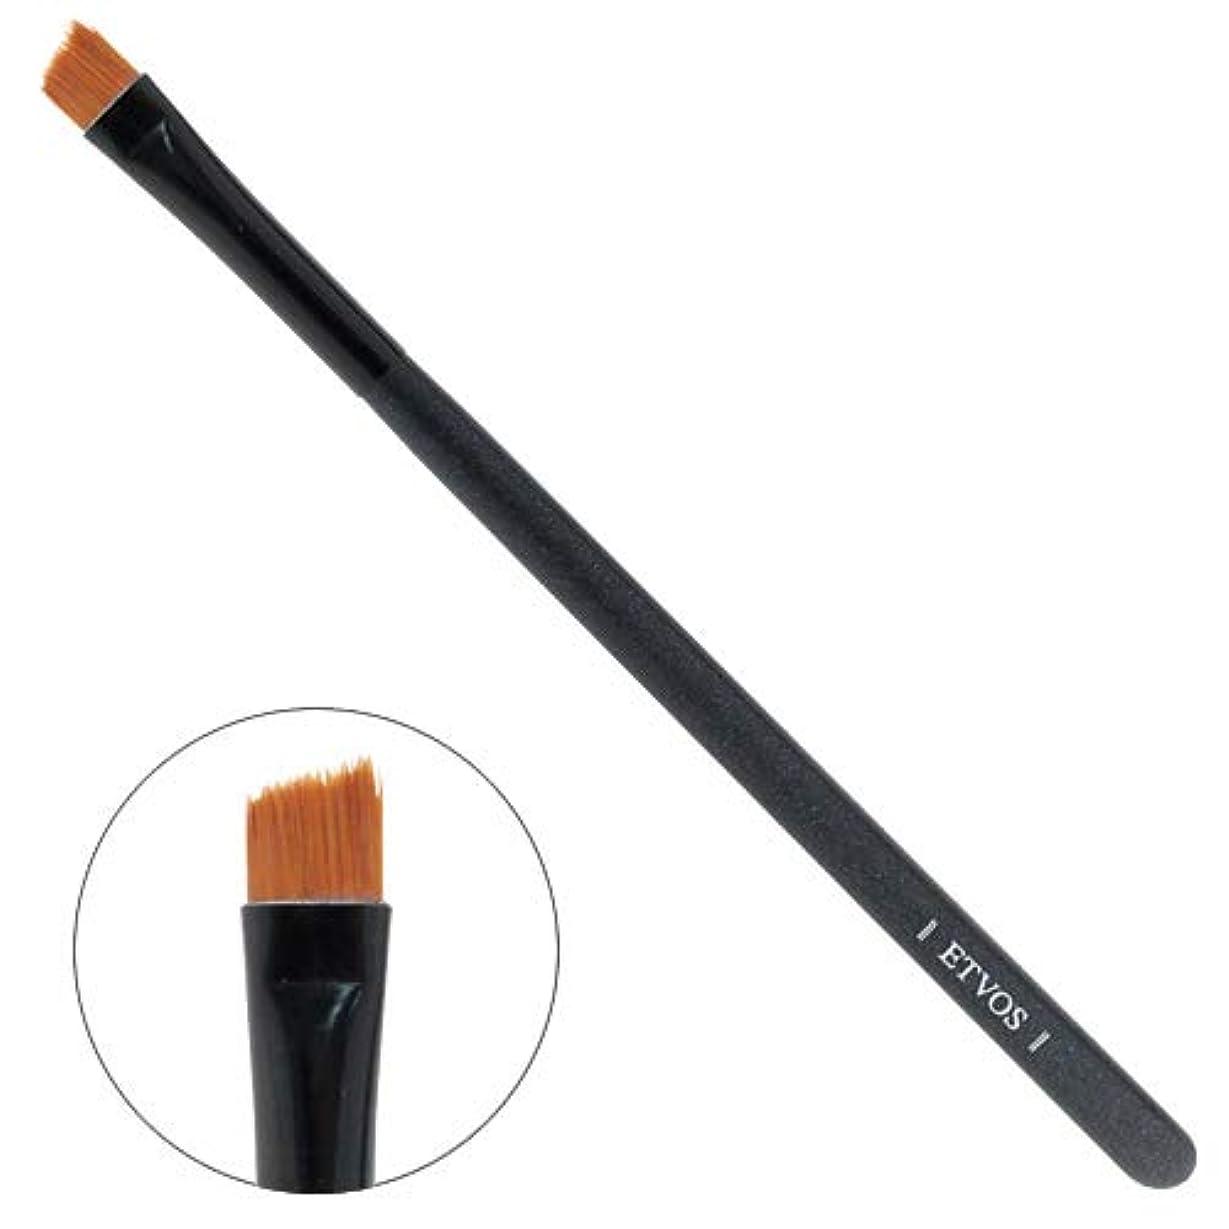 バインド収益活性化するETVOS(エトヴォス) アイライナーブラシ 毛先を斜めカット/目のキワまでアイラインが引ける化粧筆 12.5cm